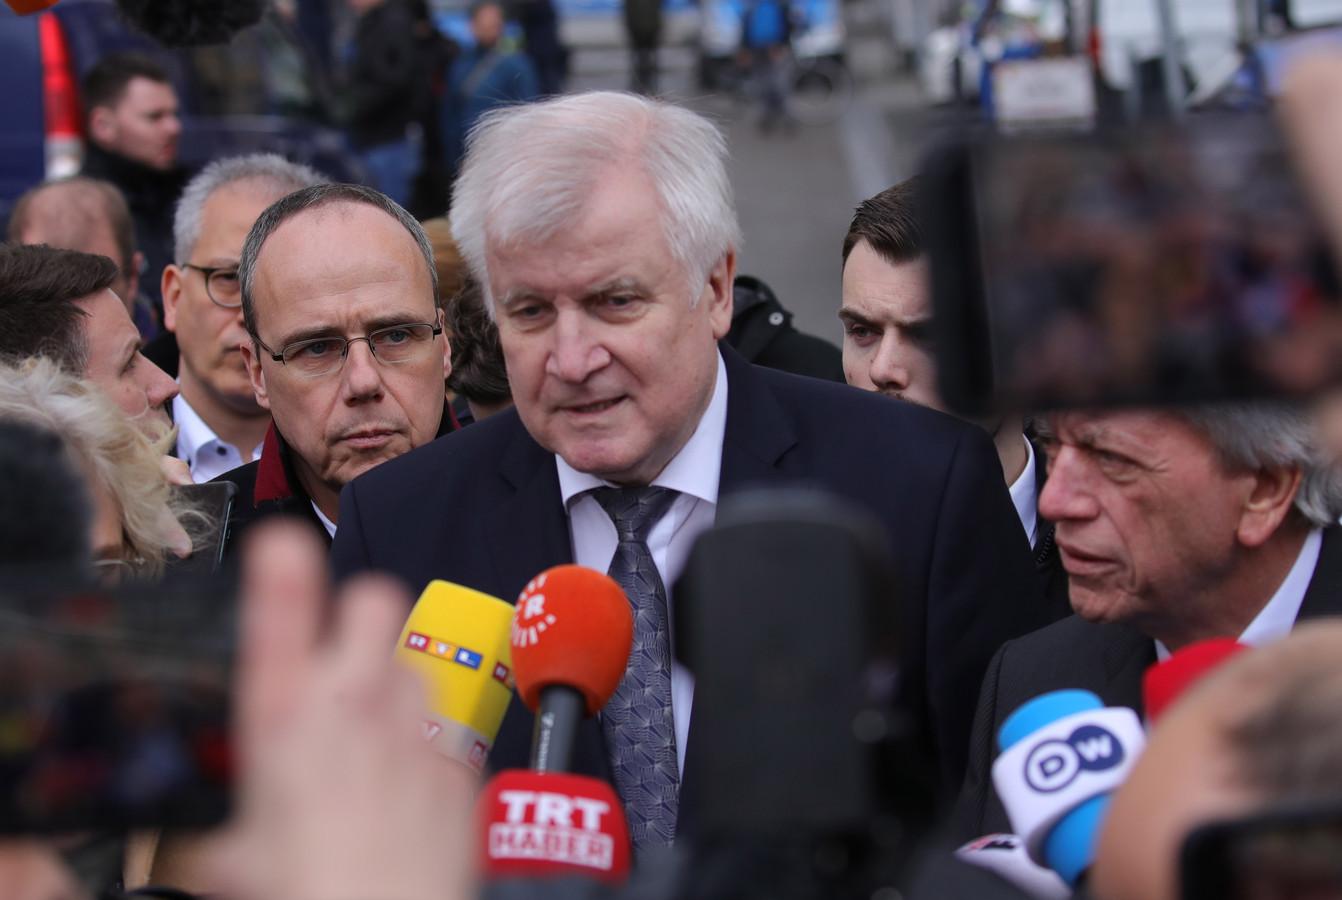 De Duitse minister van Binnenlandse Zaken Horst Seehofer (CSU).